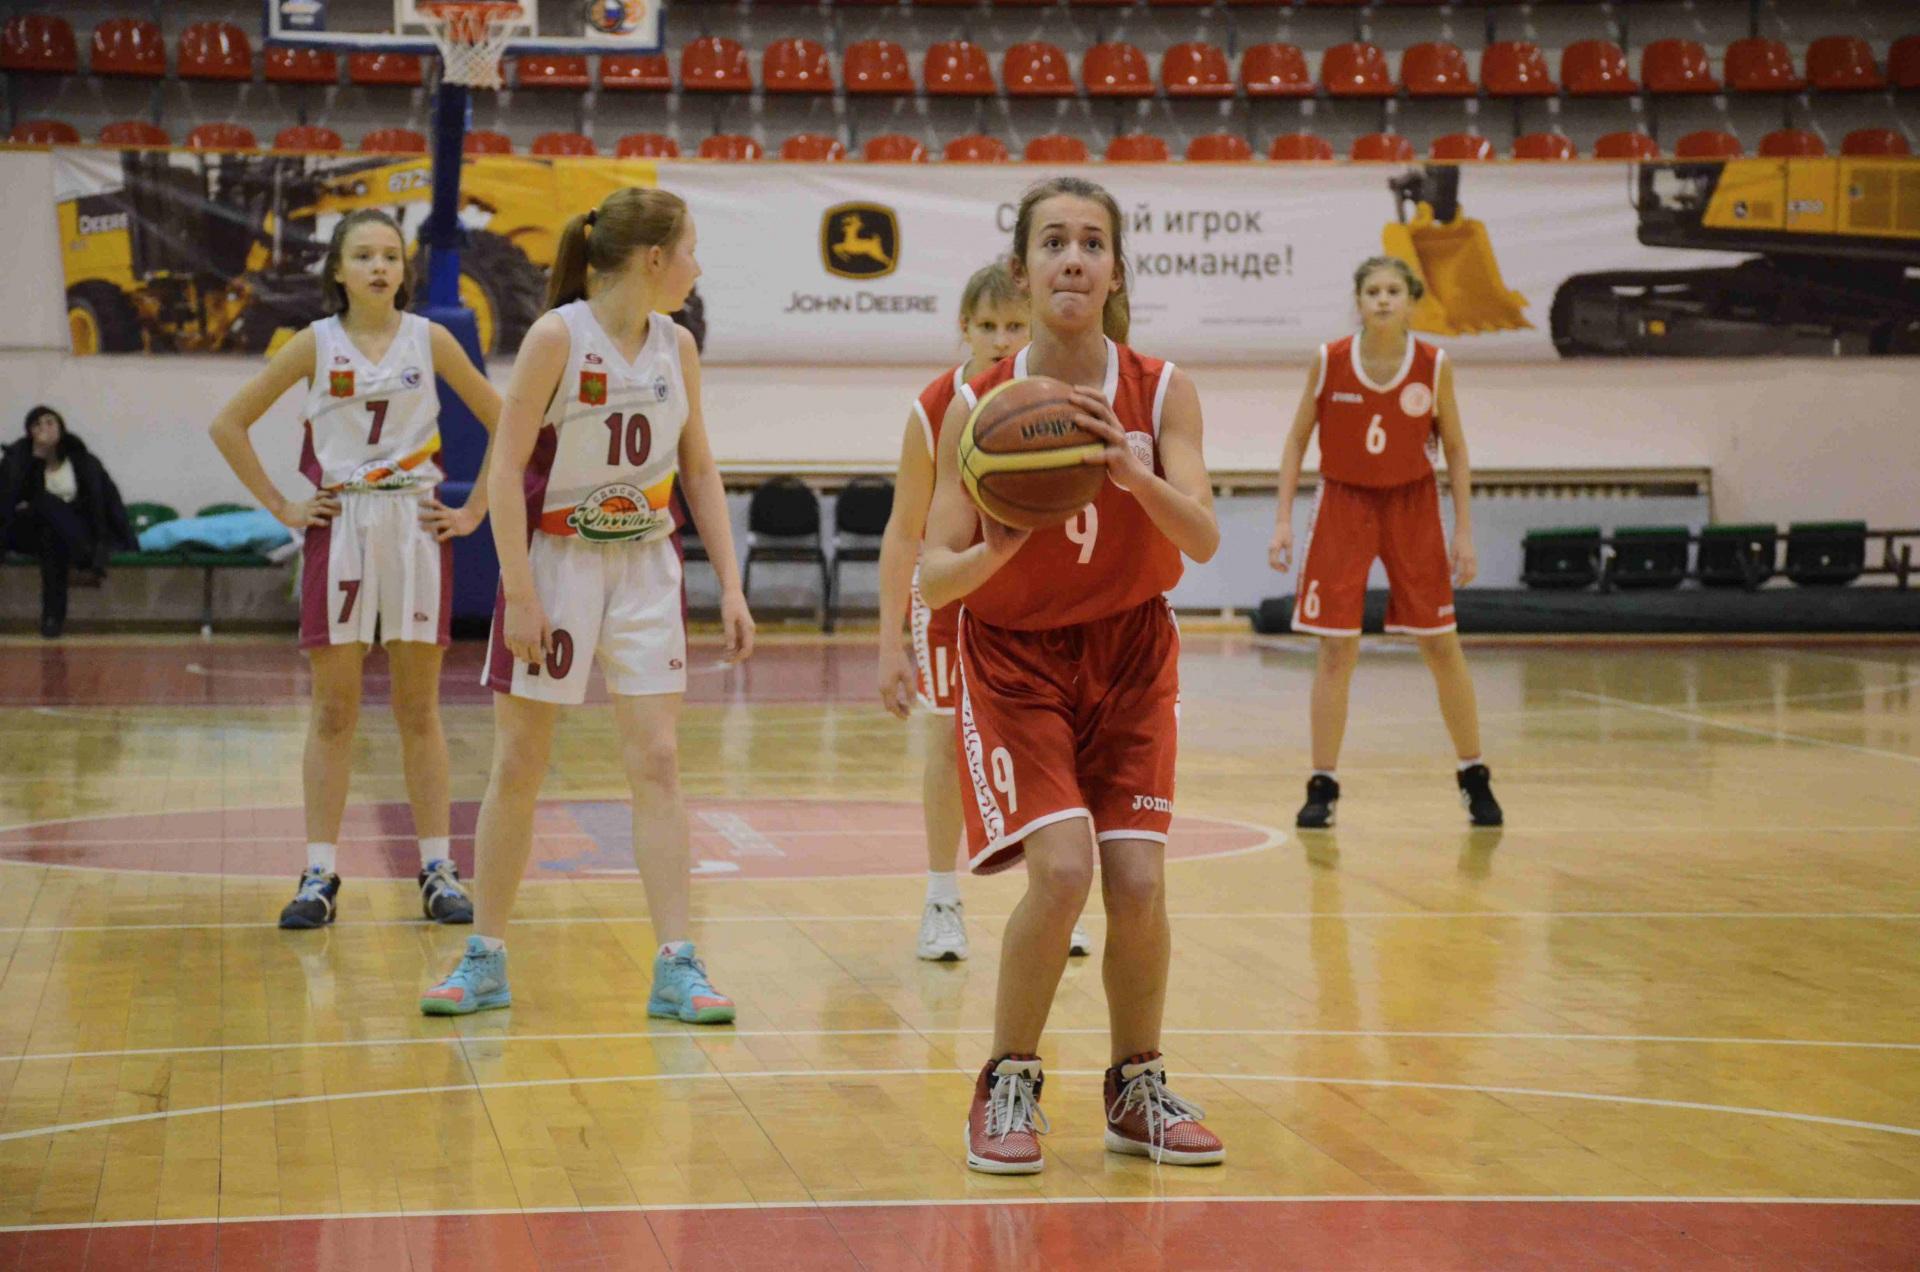 В Сыктывкаре завершился зональный этап Всероссийских соревнований по баскетболу